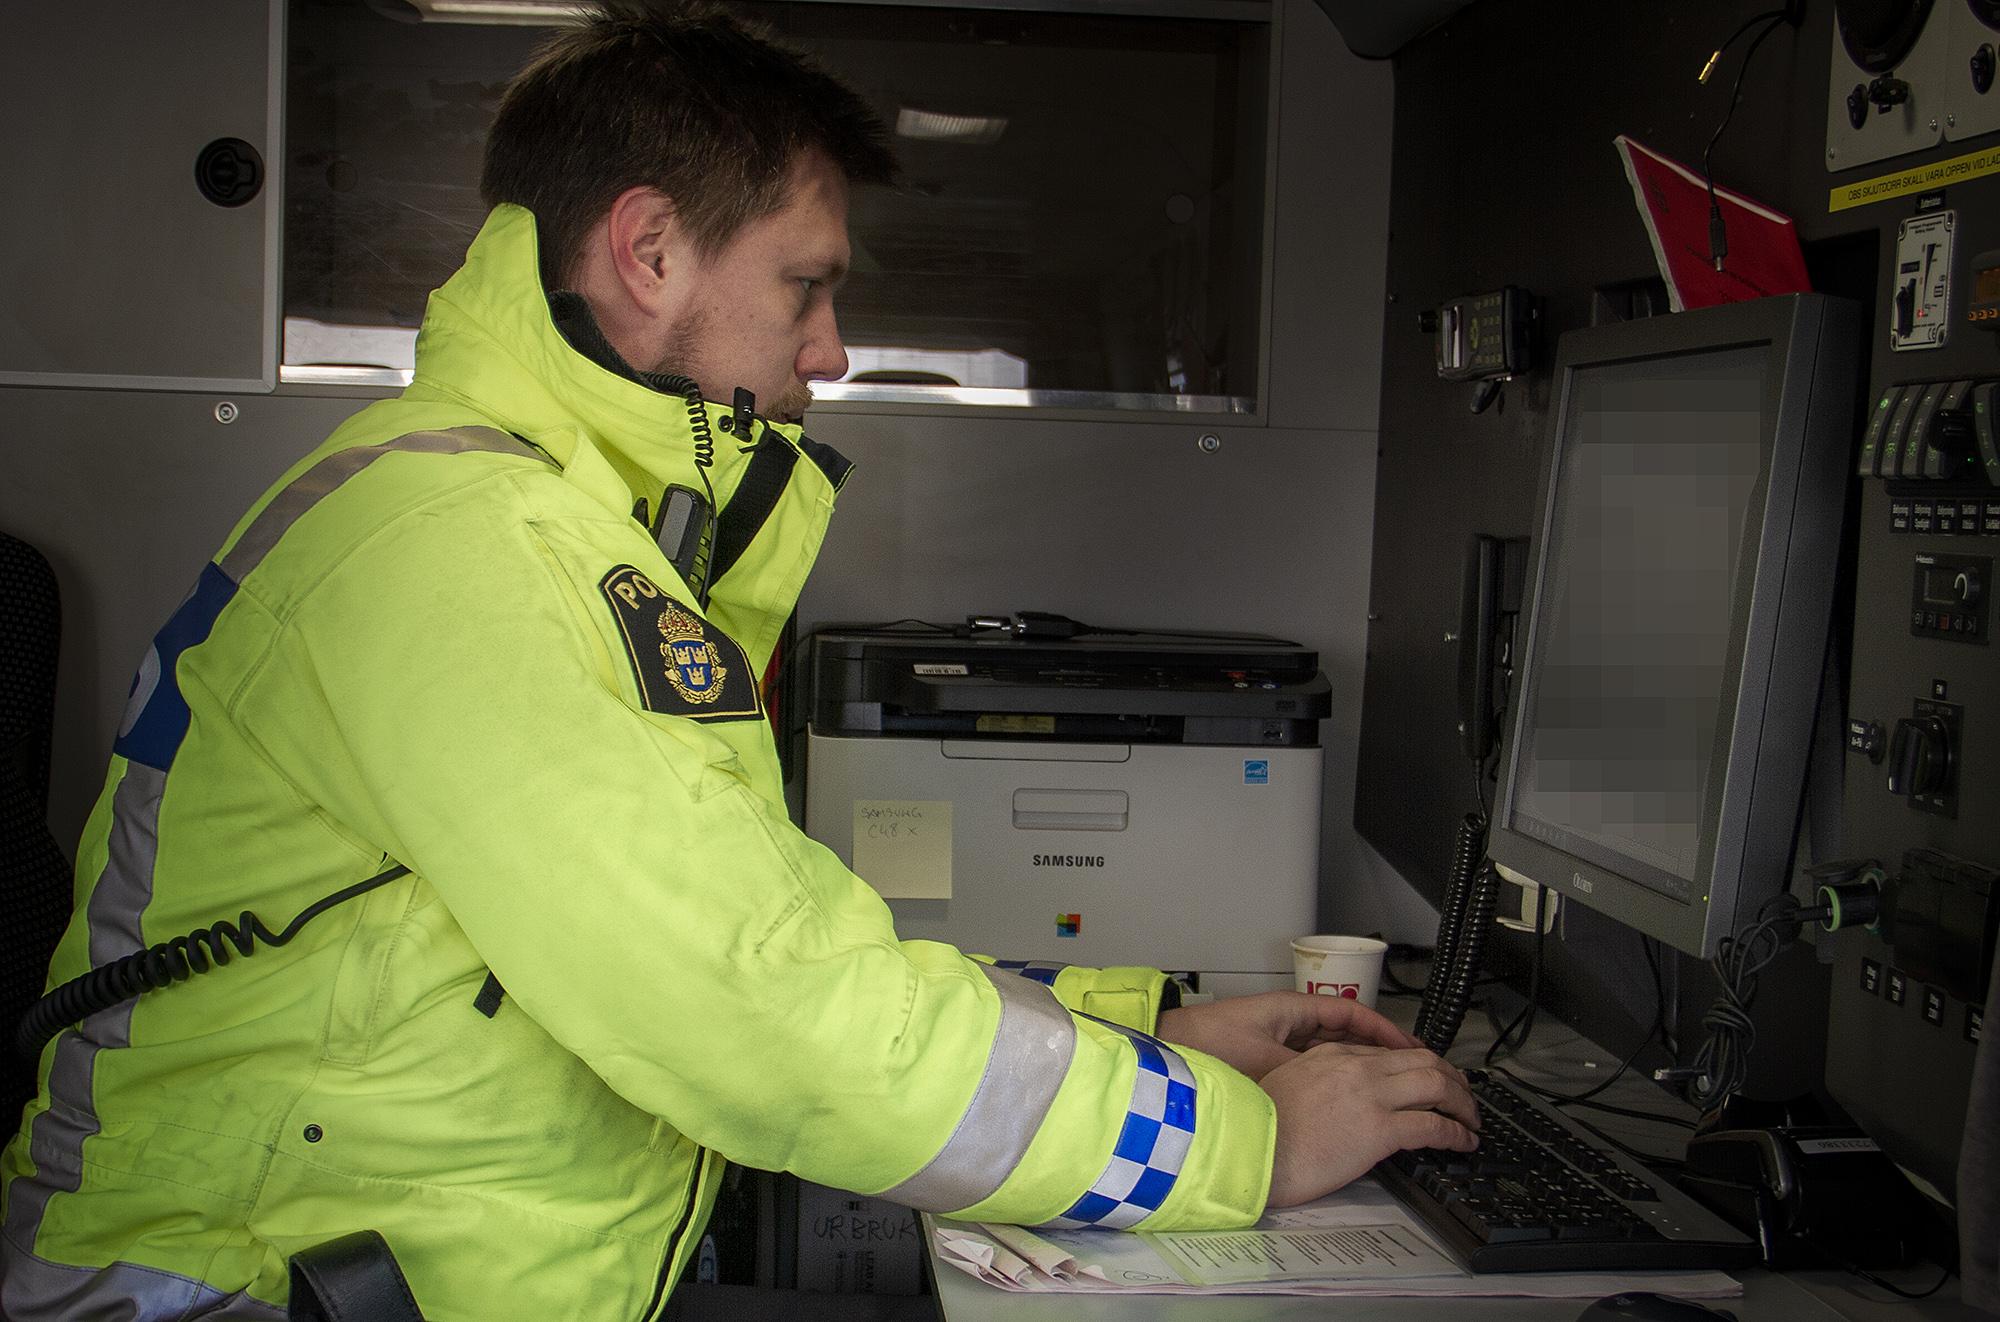 Farids kollega Andreas i färd med att rapportera en utländsk transportör för att ha kört otillåtet cabotage. Foto: Göran Rosengren